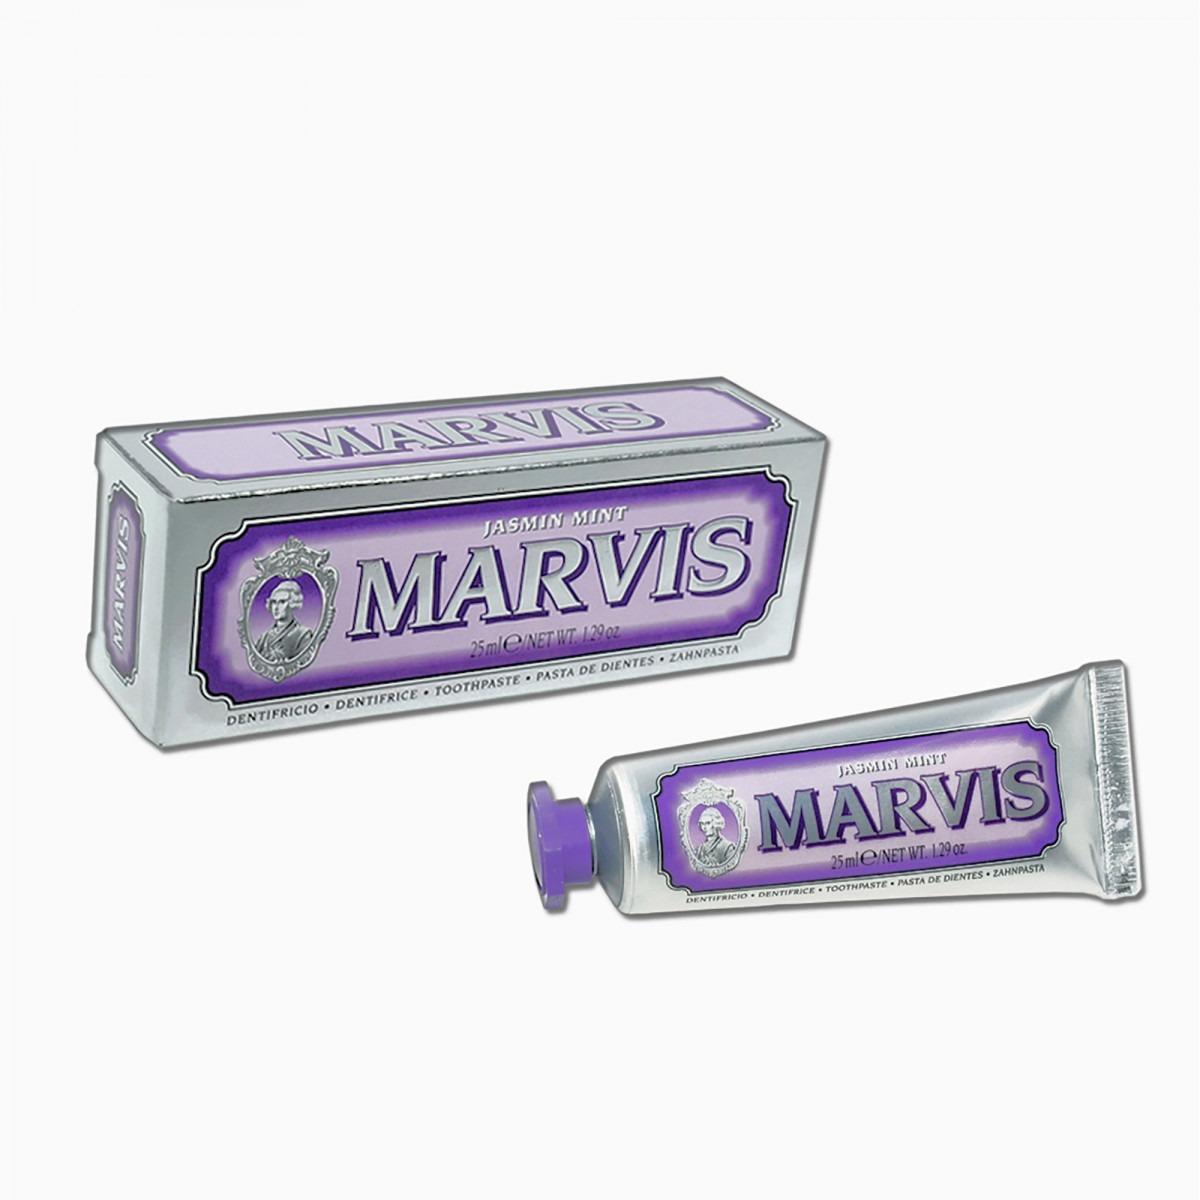 Marvis toothpaste jasmin mint 25 ml